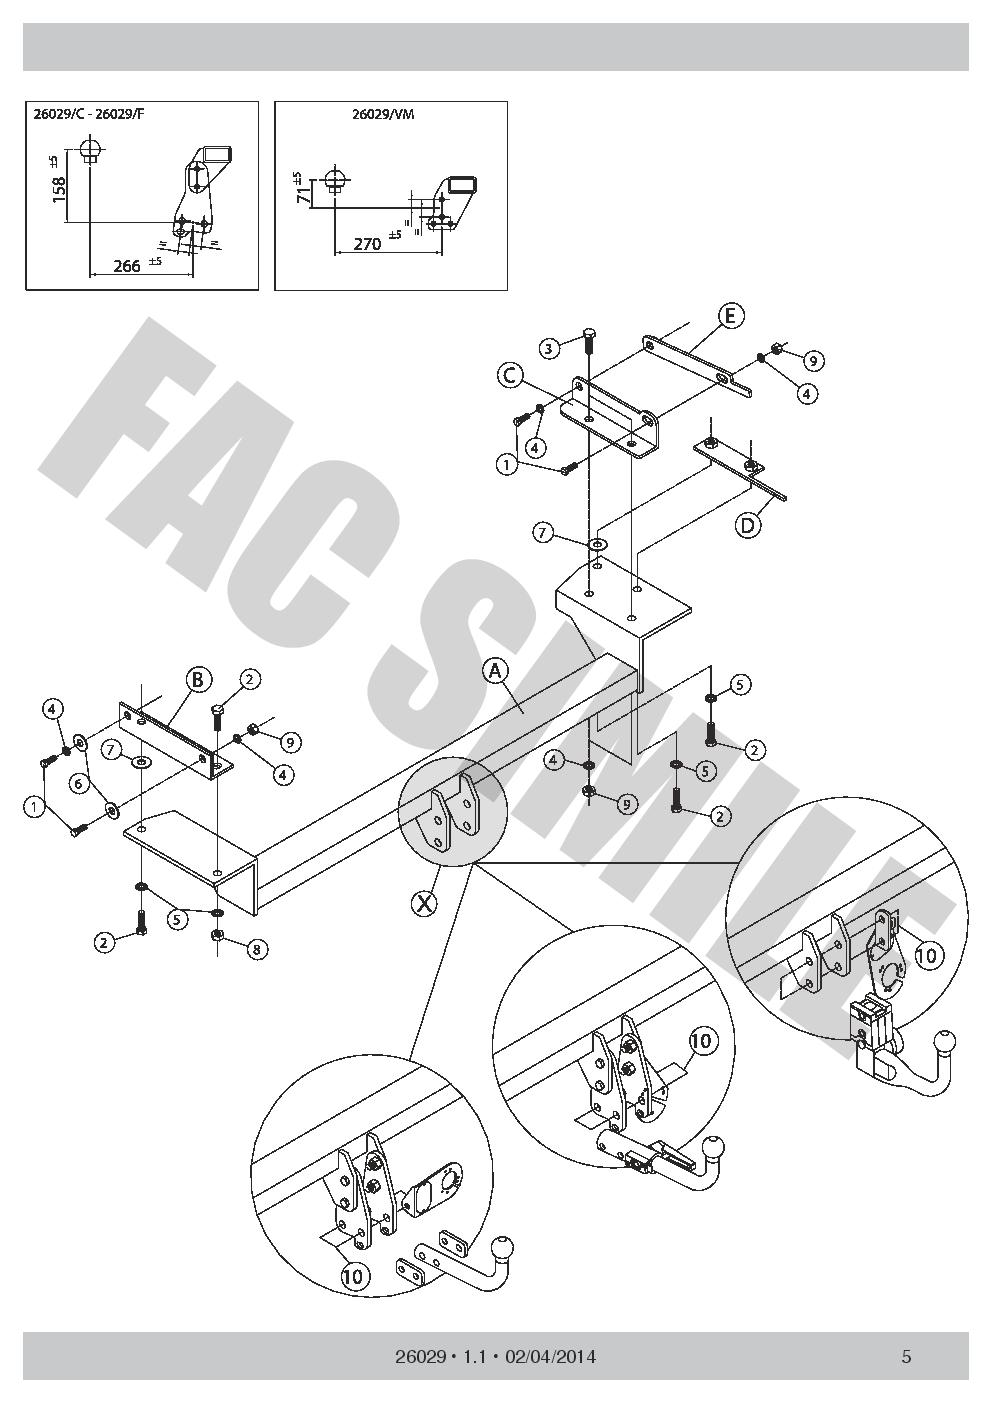 Nissan Qashqai Towbar Wiring Diagram ford focus towbar ... on nissan ignition key, nissan repair diagrams, nissan battery diagram, nissan suspension diagram, nissan body diagram, nissan diesel conversion, nissan brakes diagram, nissan transaxle, nissan schematic diagram, nissan radiator diagram, nissan main fuse, nissan distributor diagram, nissan ignition resistor, nissan fuel pump, nissan chassis diagram, nissan wire harness diagram, nissan electrical diagrams, nissan repair guide, nissan engine diagram, nissan fuel system diagram,